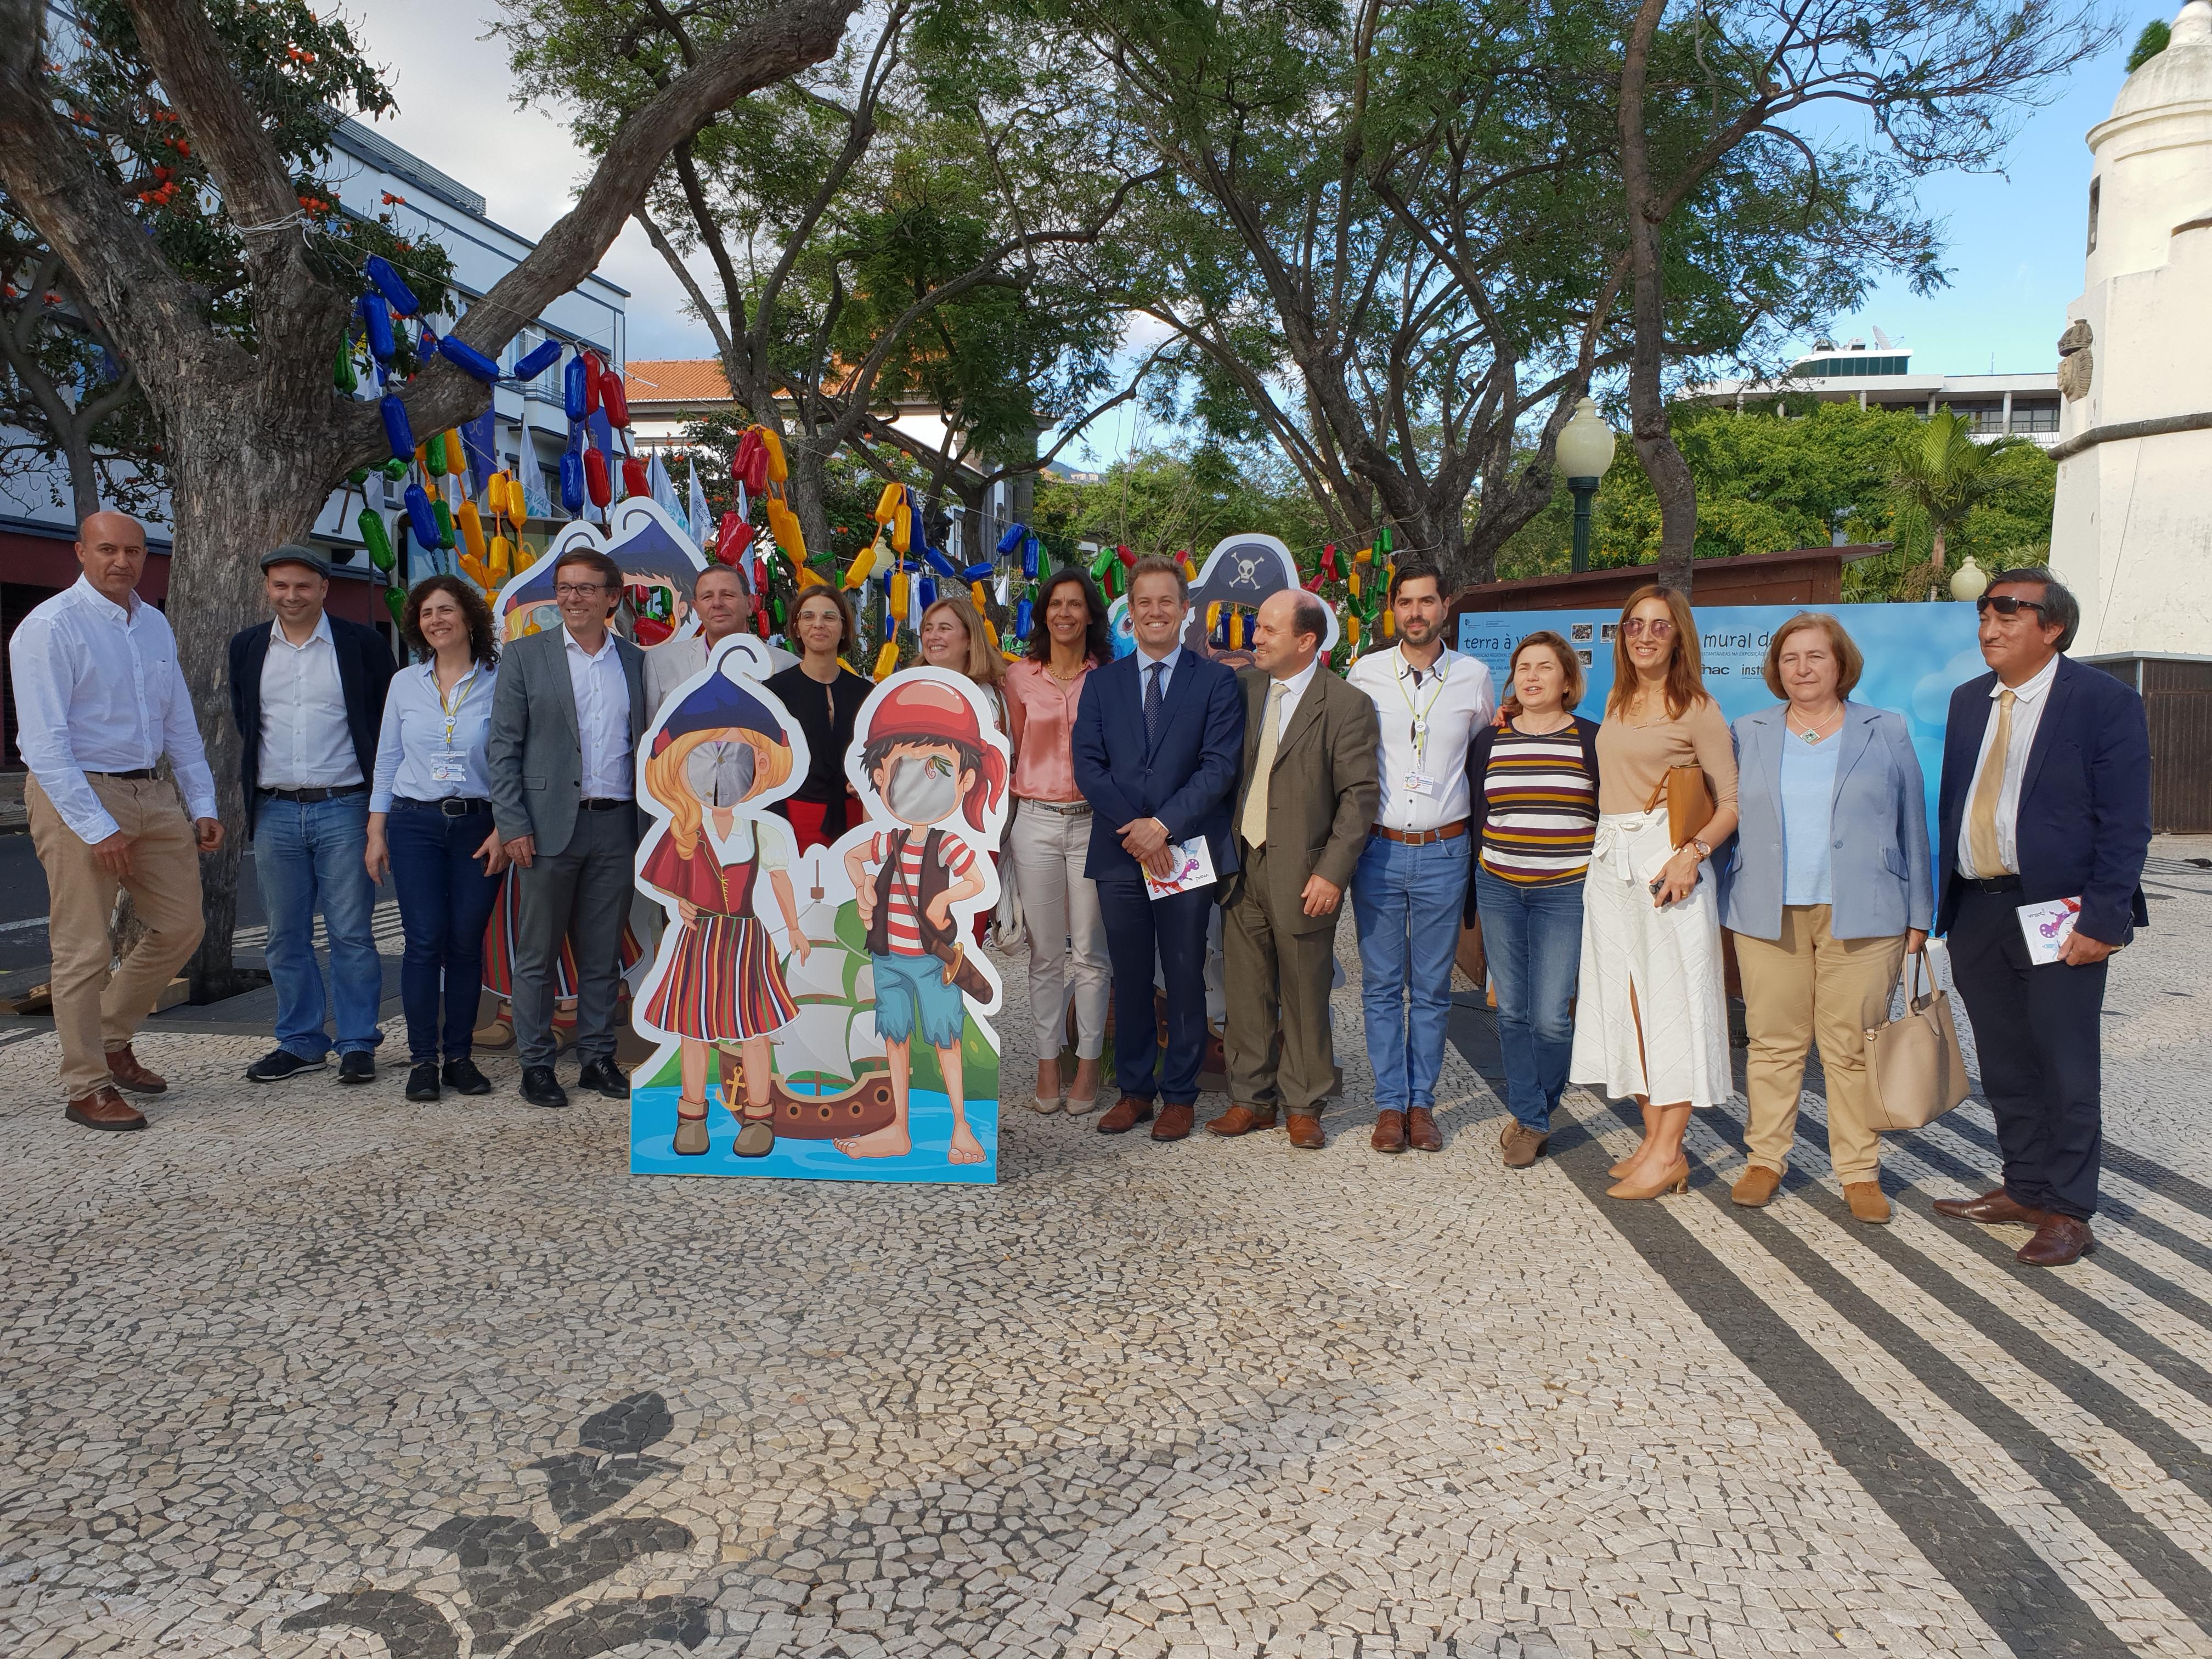 Semana Regional das Artes promove e reconhece o talento dos mais novos